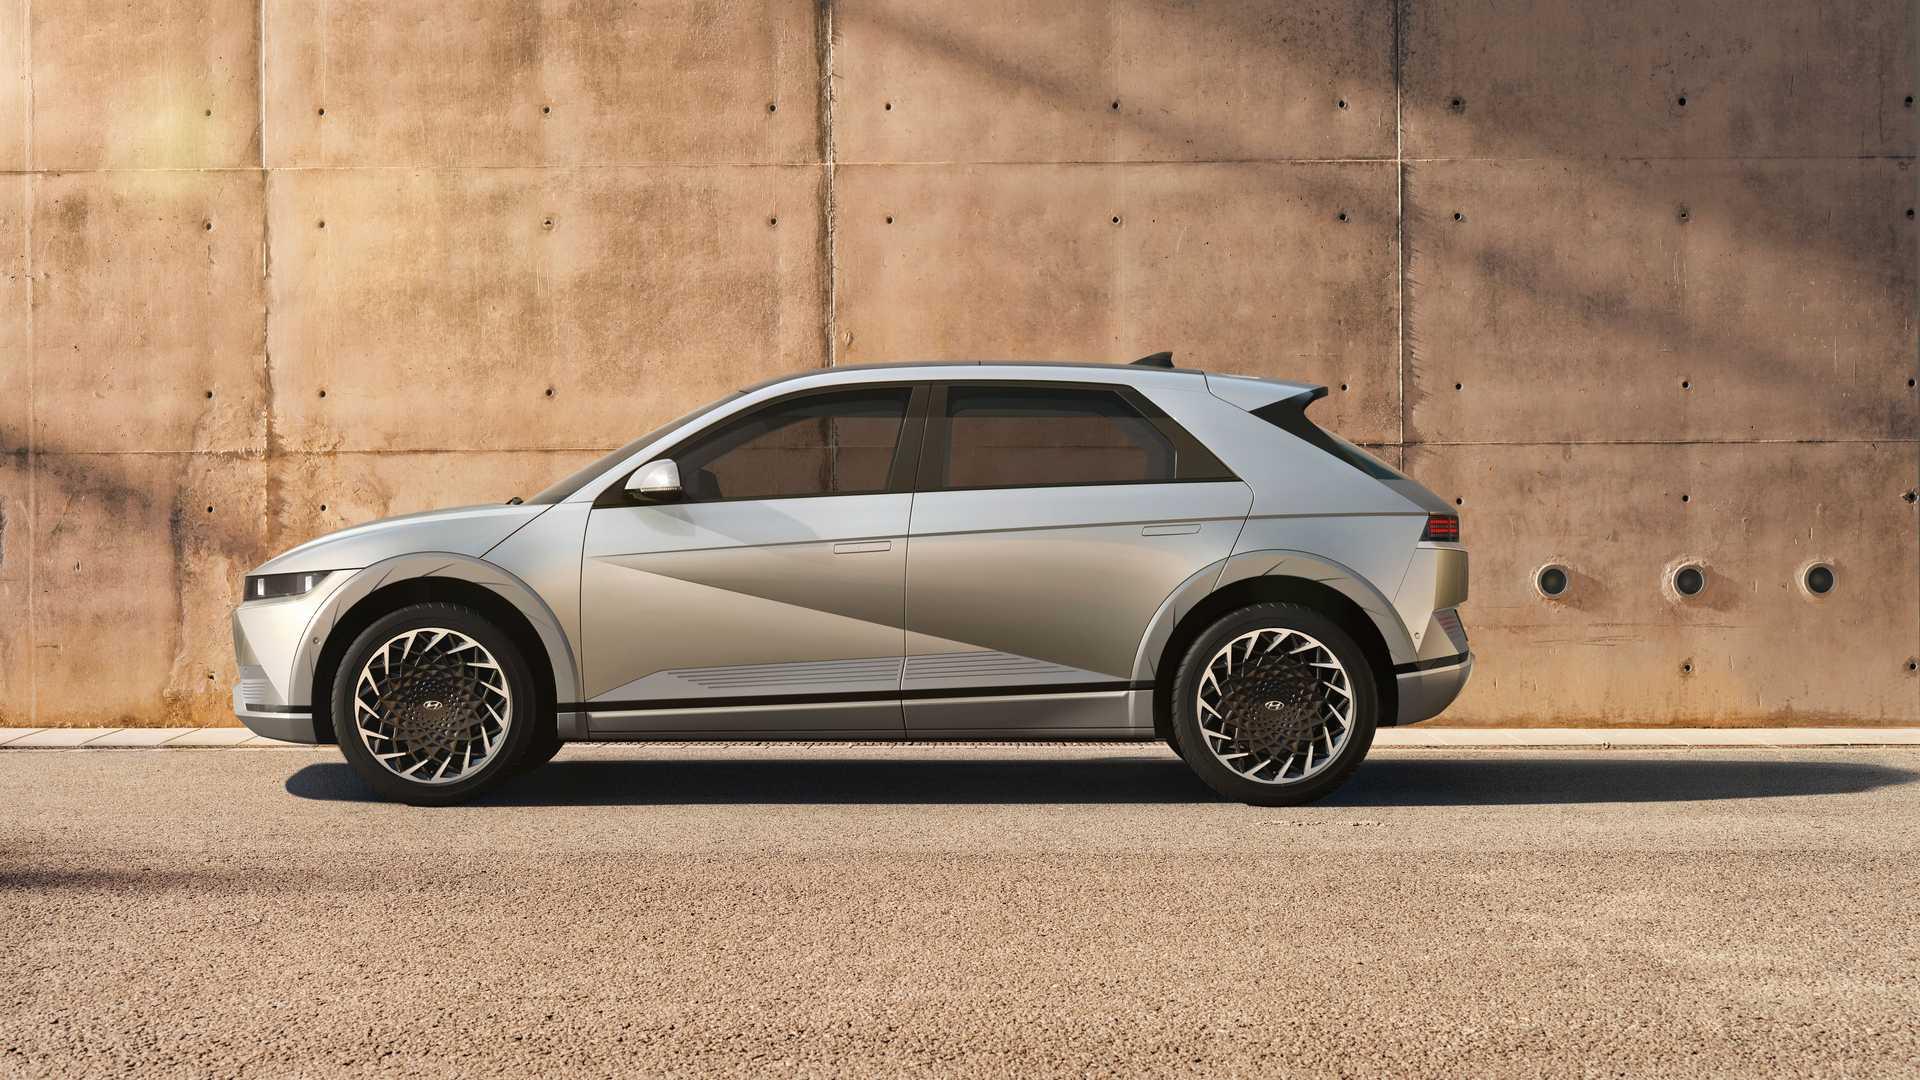 Компания Hyundai официально представила новый кроссовер Ioniq 5 3